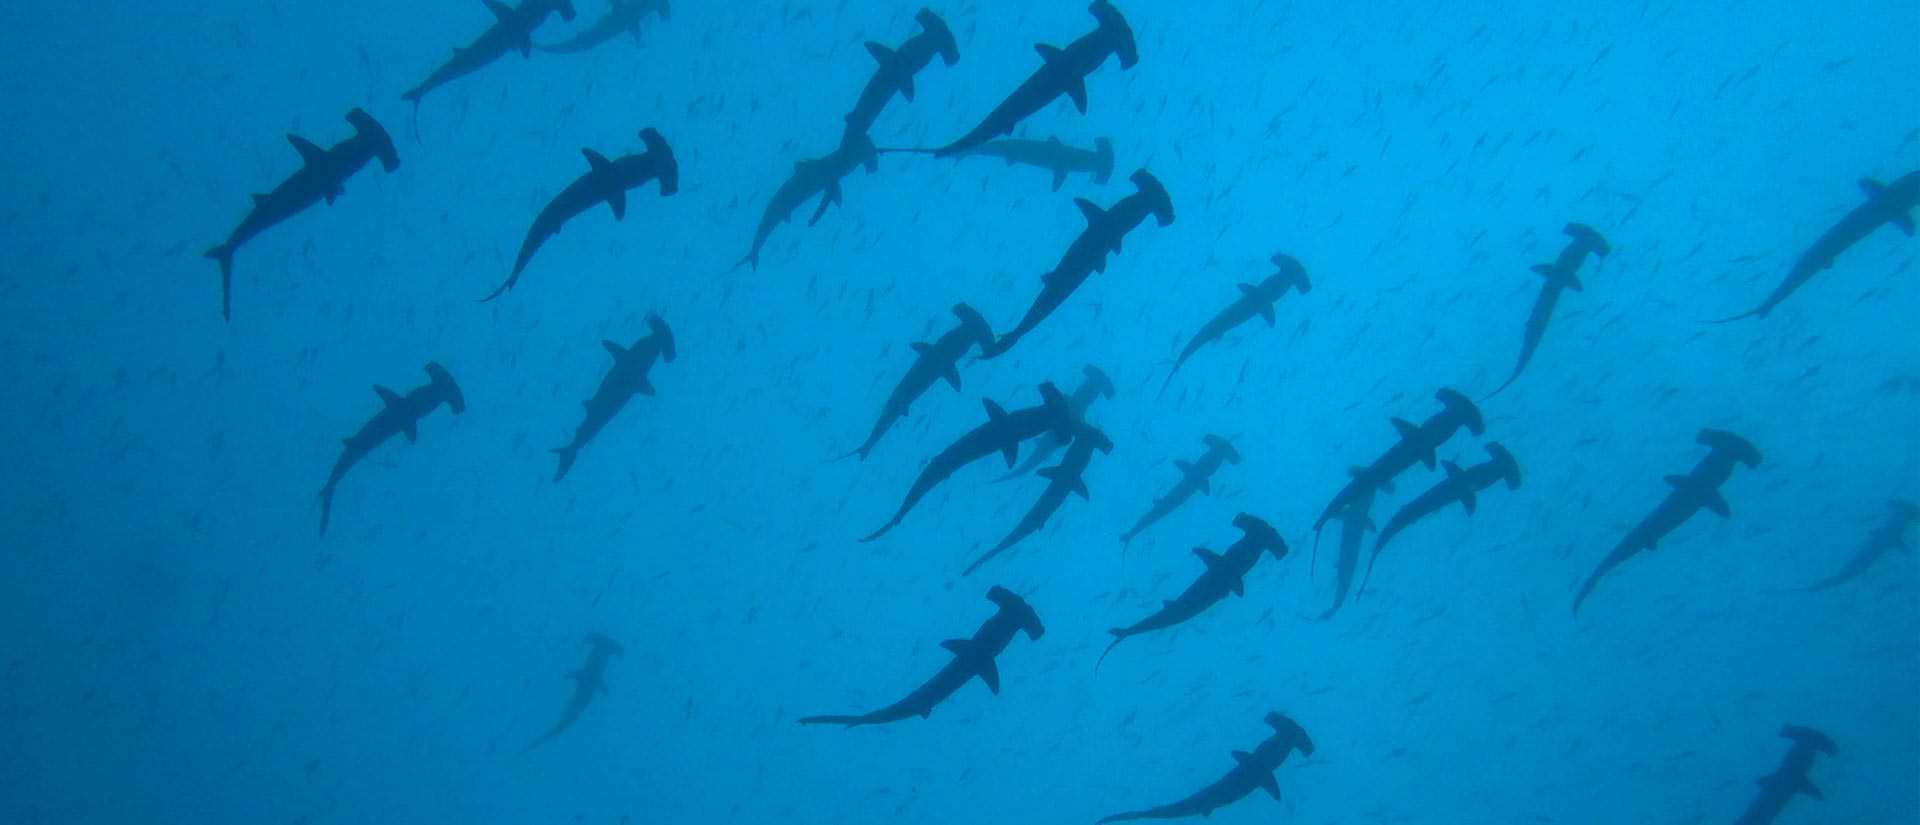 ספארי צלילה באי קוקוס - 13 יום - הפלגה לאי הכרישים